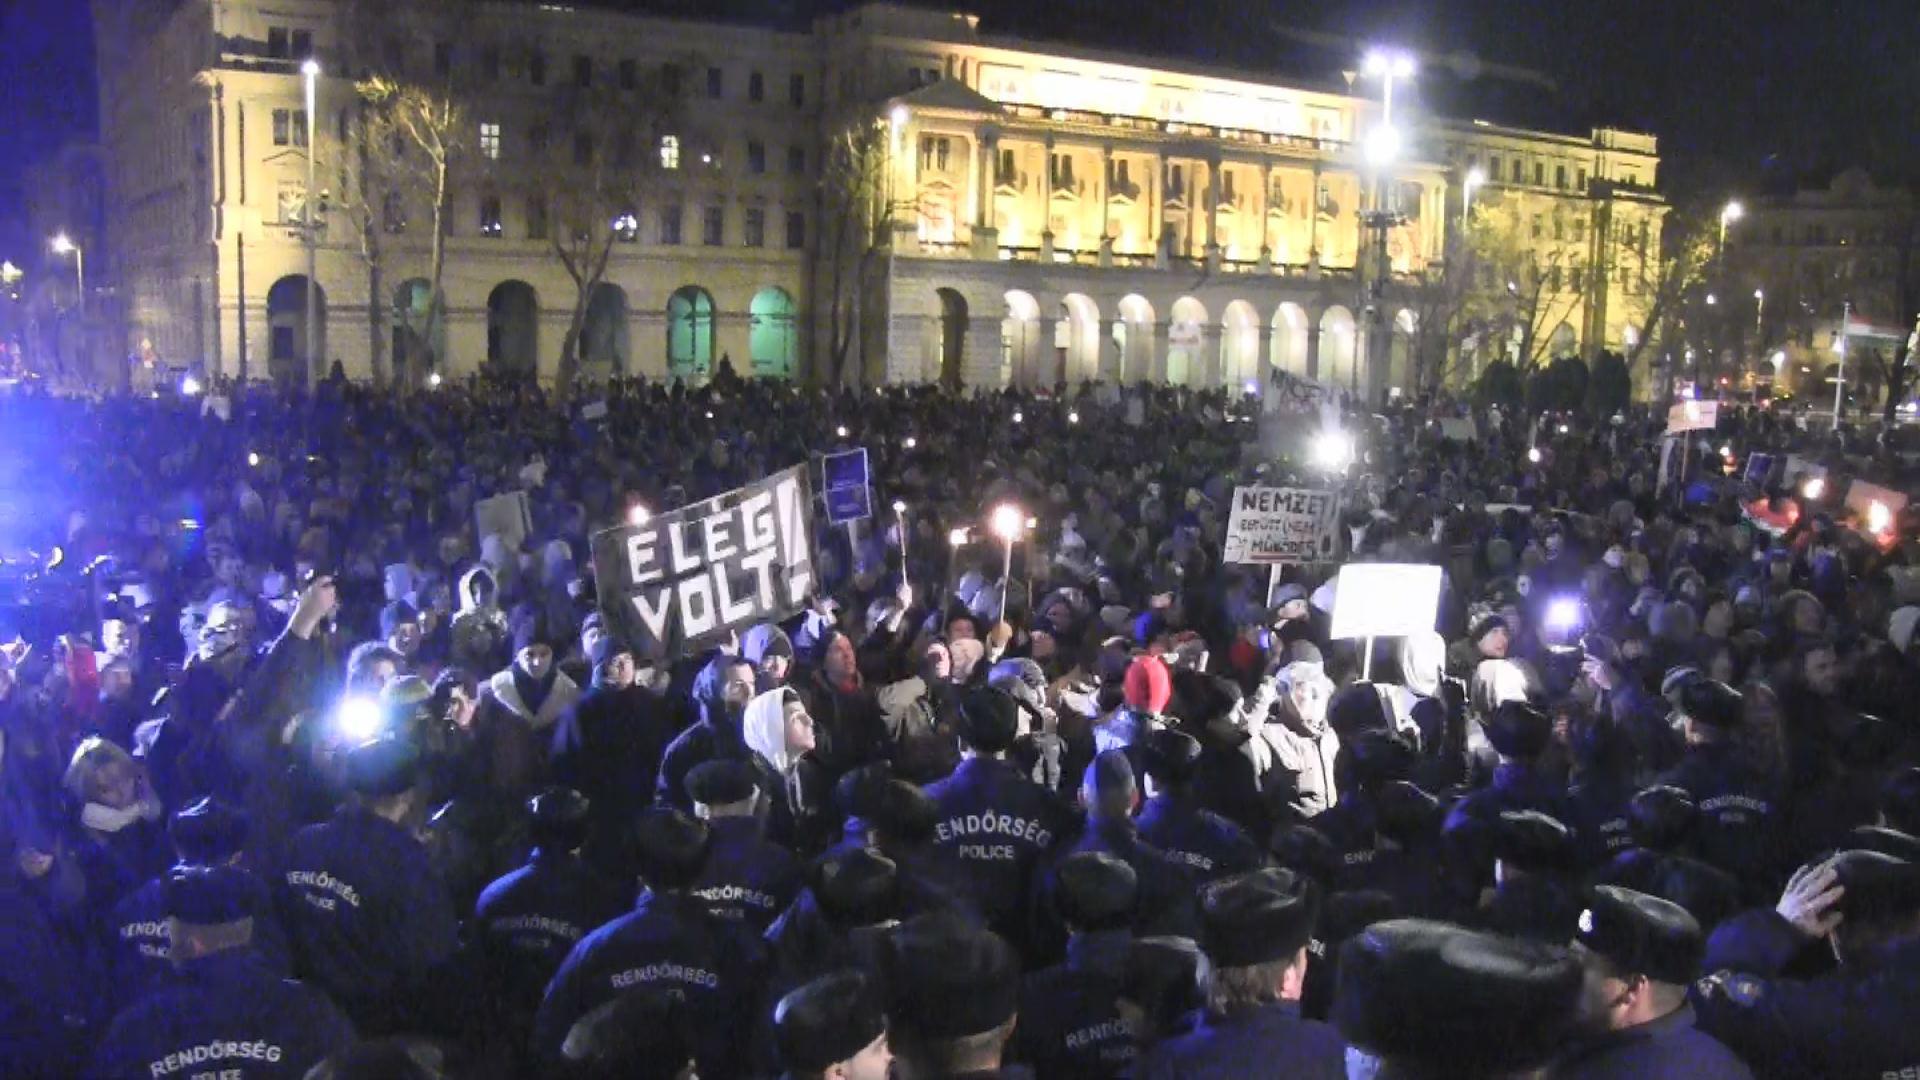 Így rohantak a tüntetők a Parlament lépcsőjéig